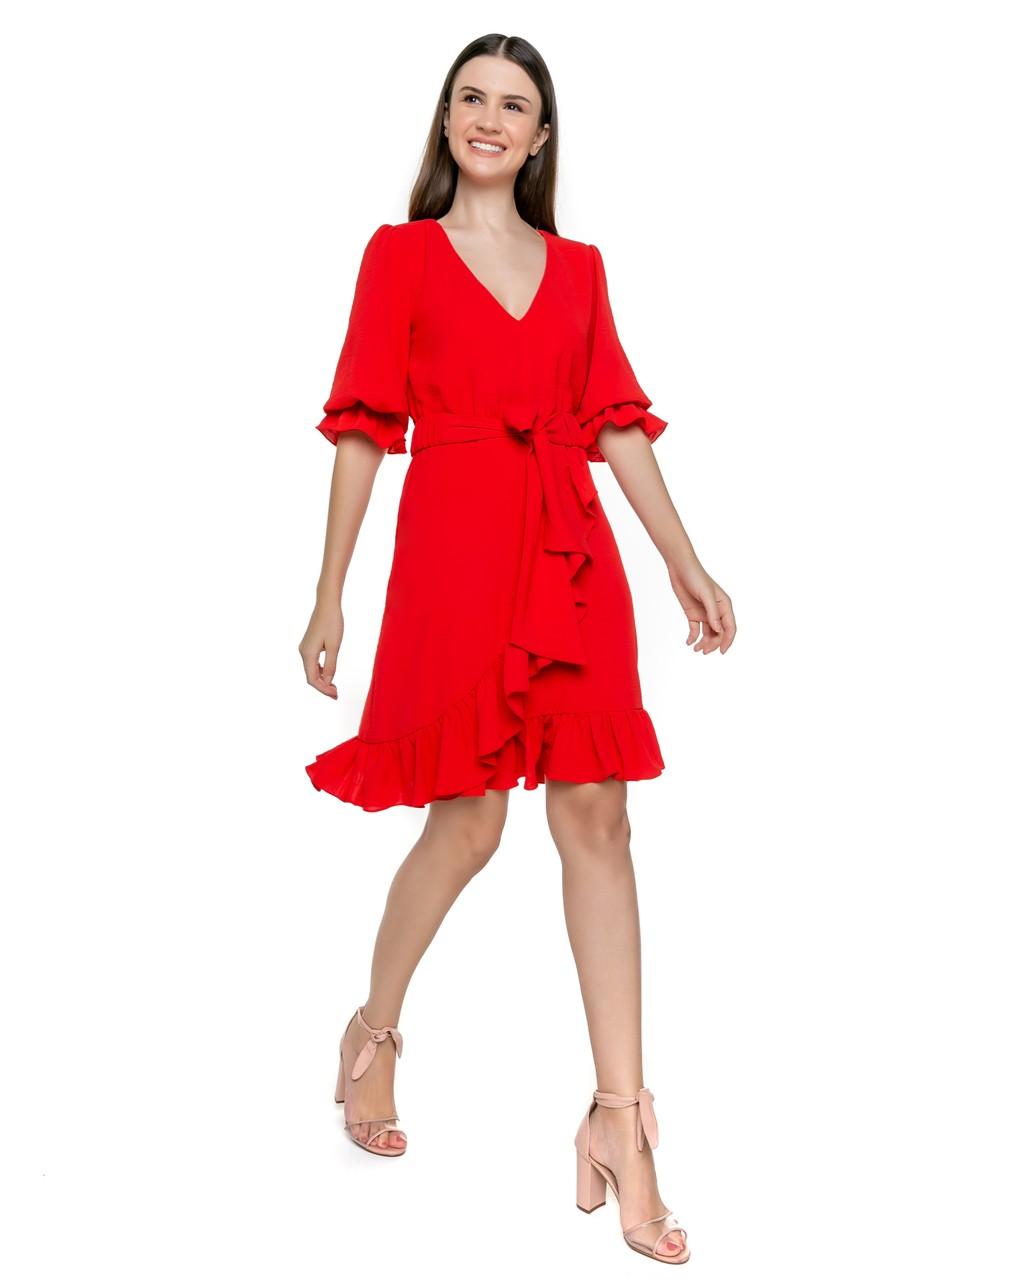 Vestido Curto com Saia Transpassada